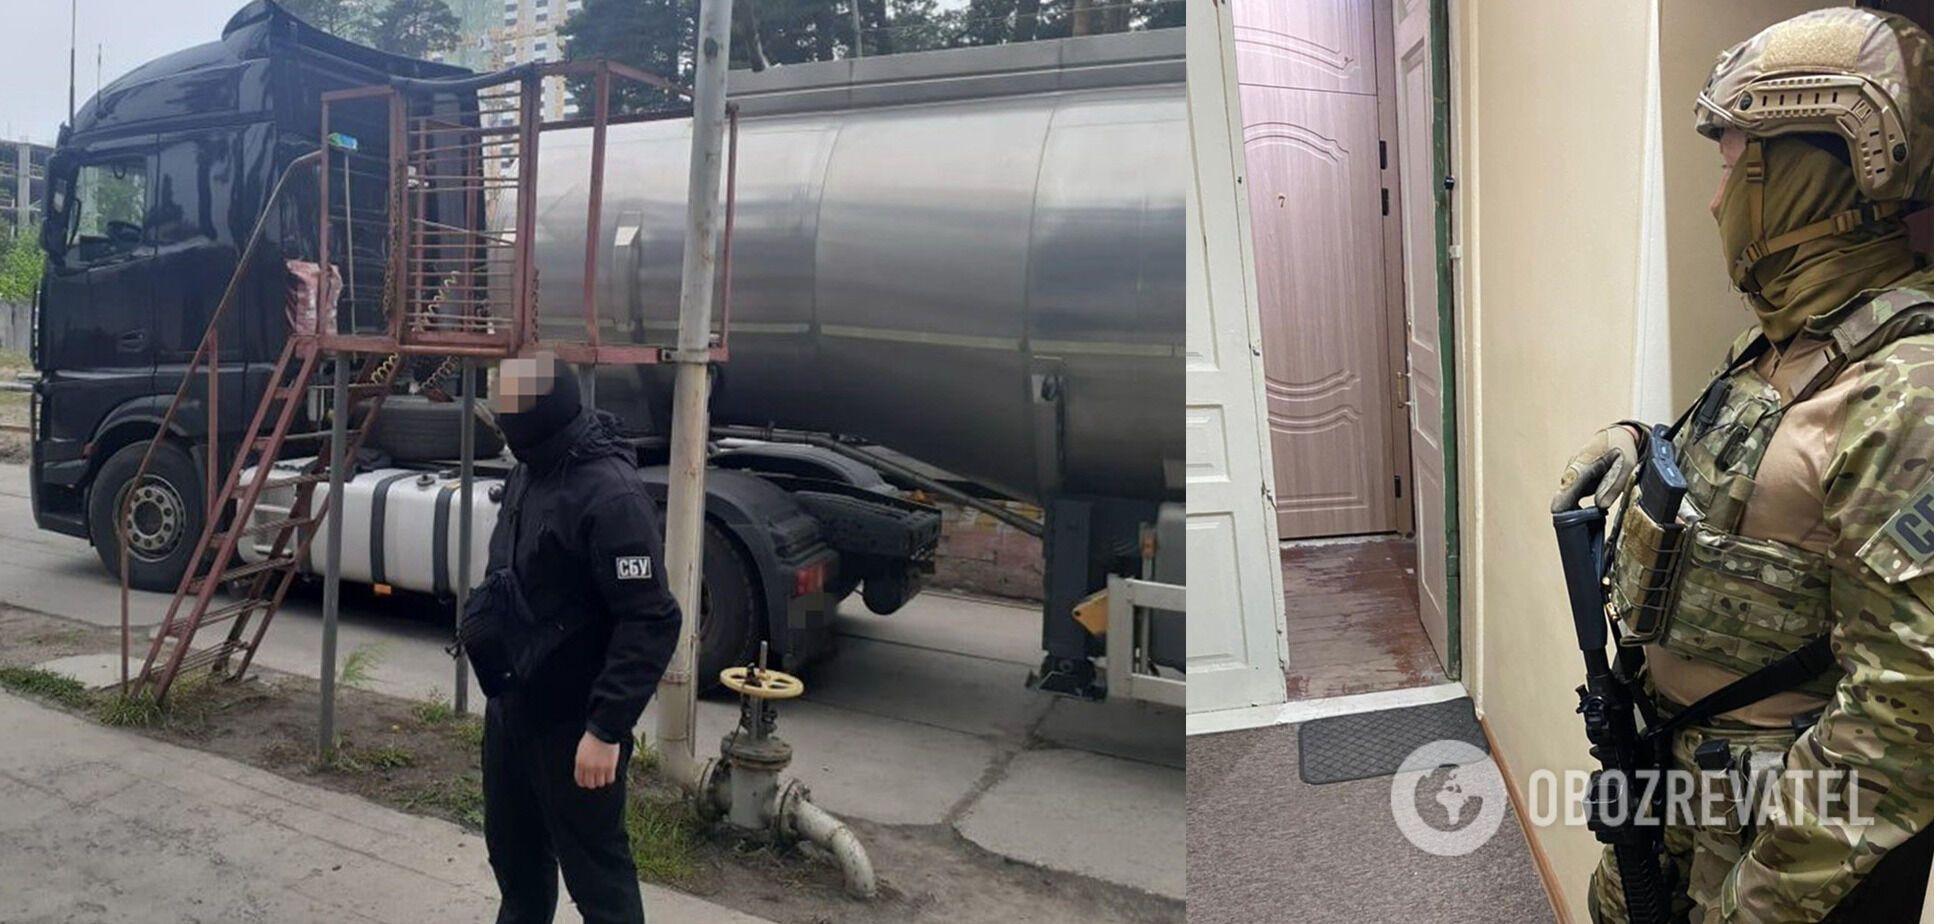 В СБУ объяснили, что их расследование касалось схемы контрабанды топлива из РФ и Беларуси